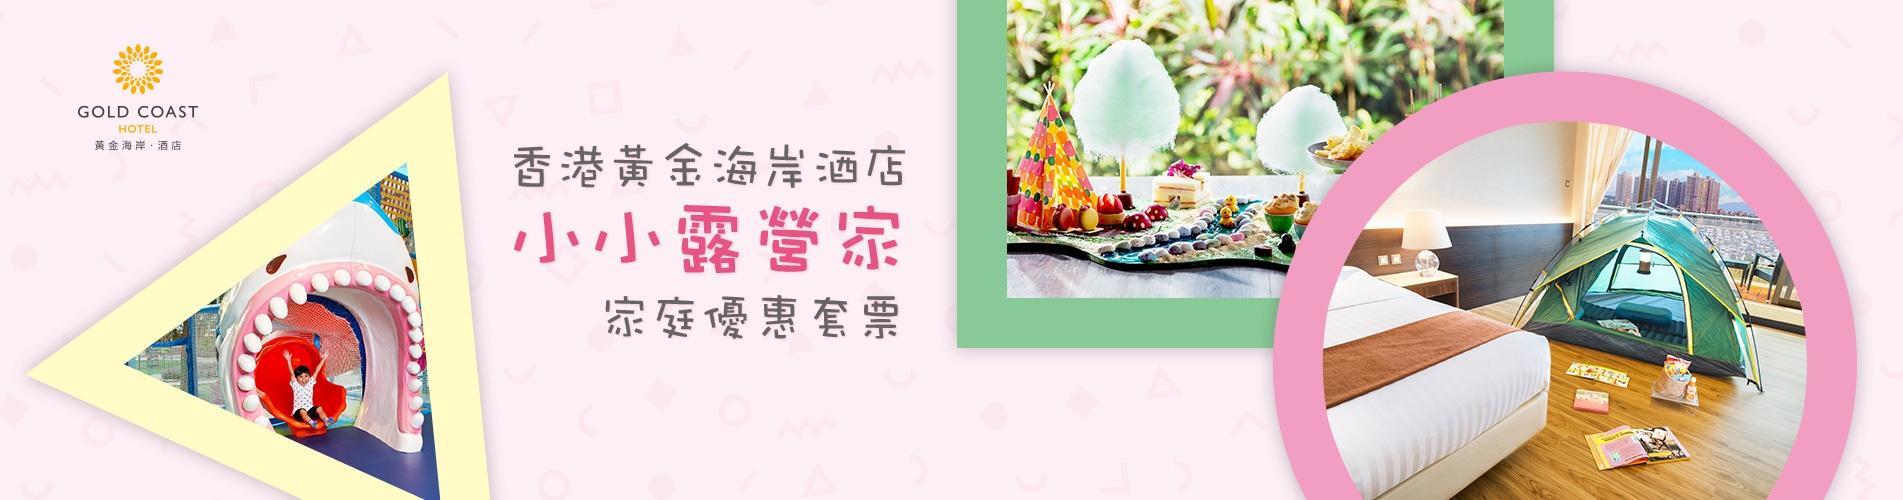 【親子遊!】 香港黃金海岸酒店「小小露營家」家庭套票